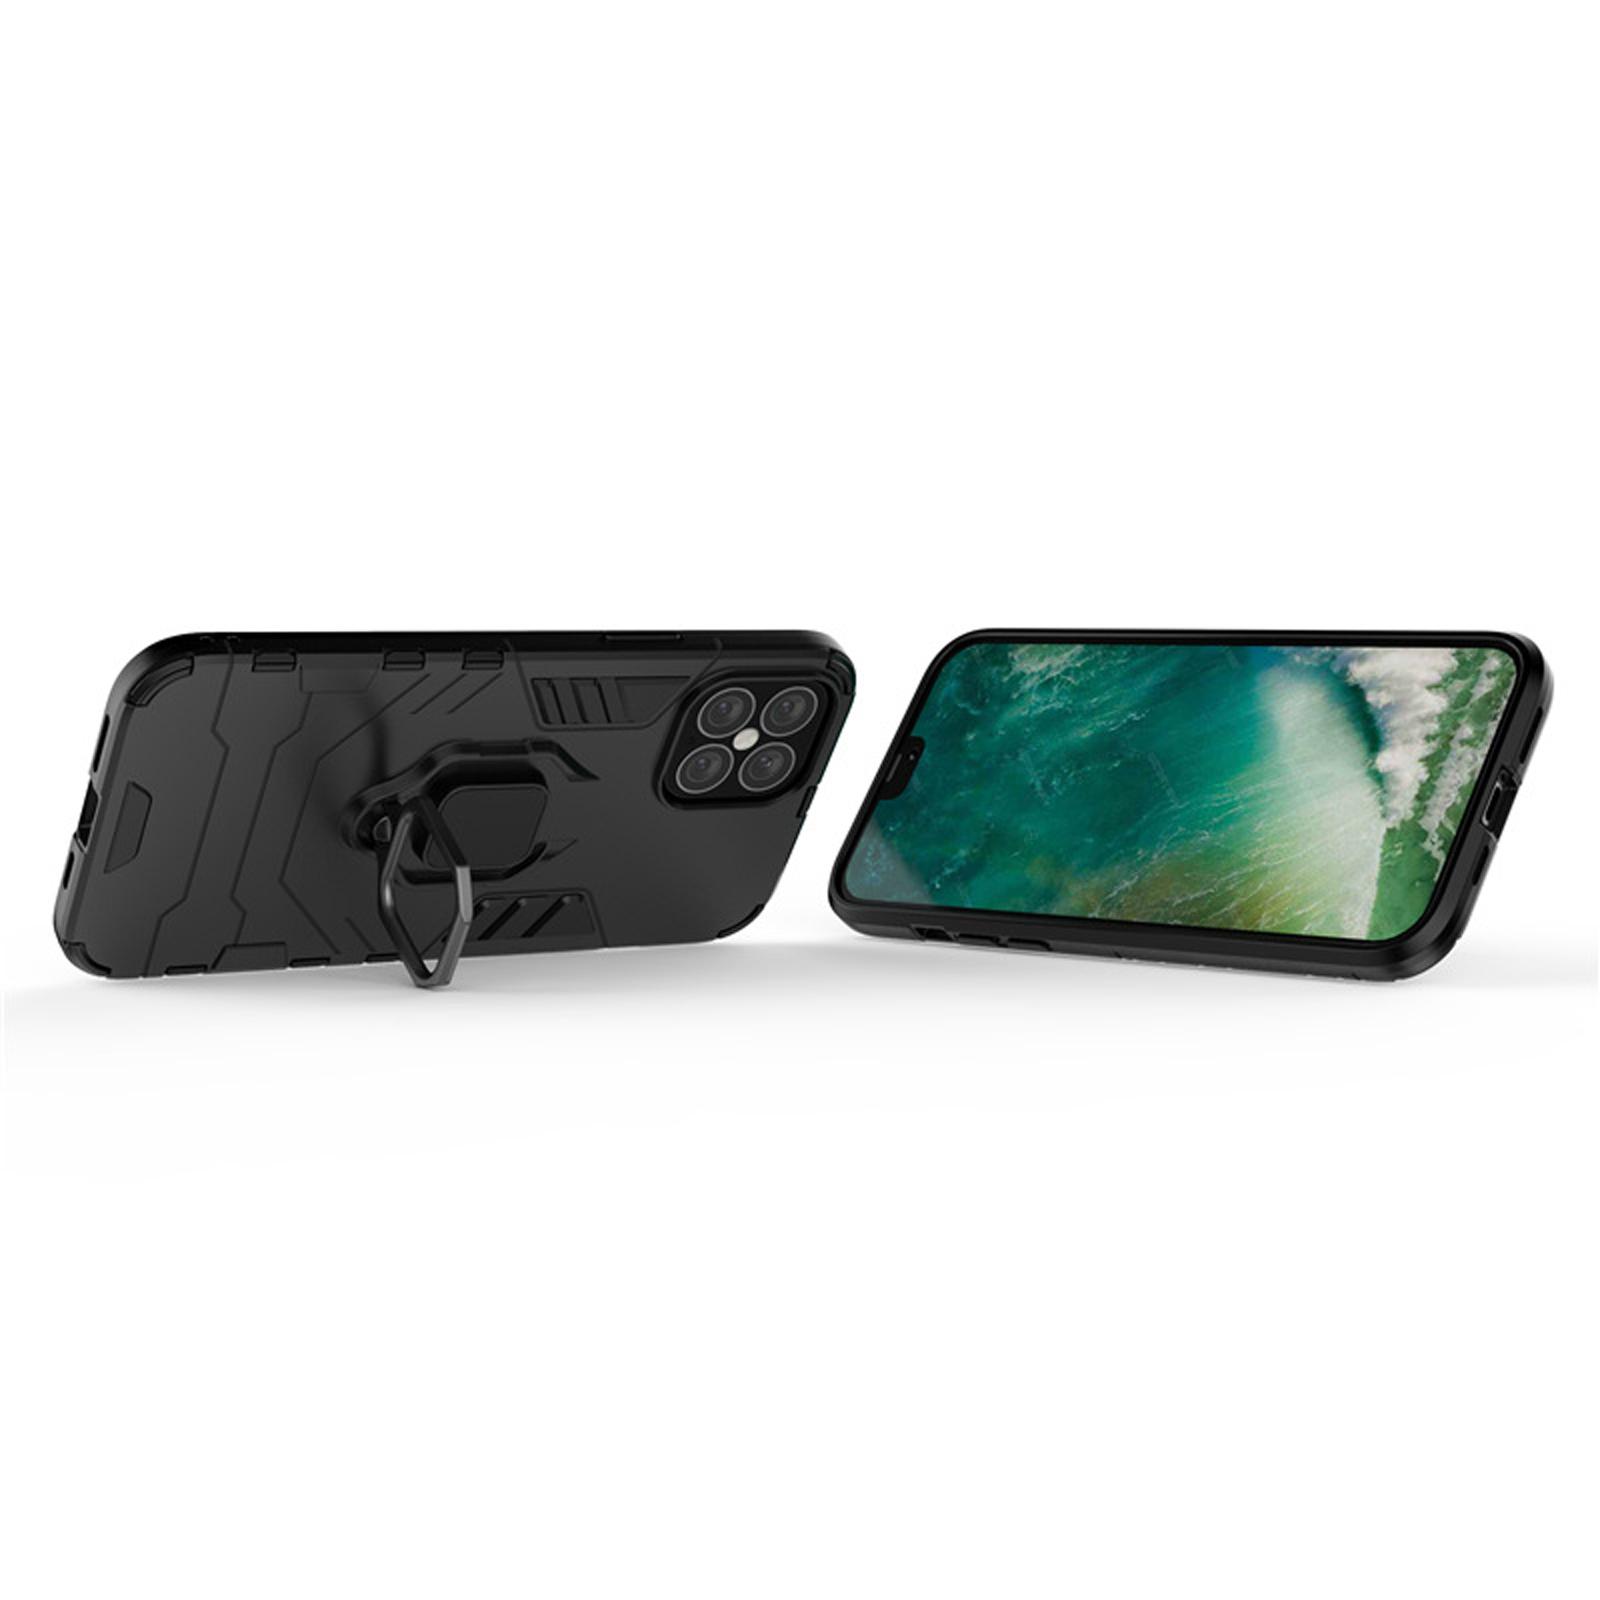 thumbnail 22 - For Apple iPhone 12 Pro Max Mini 11 XR X 8 7 Plus 6 Se 2020 Case Cover Ring